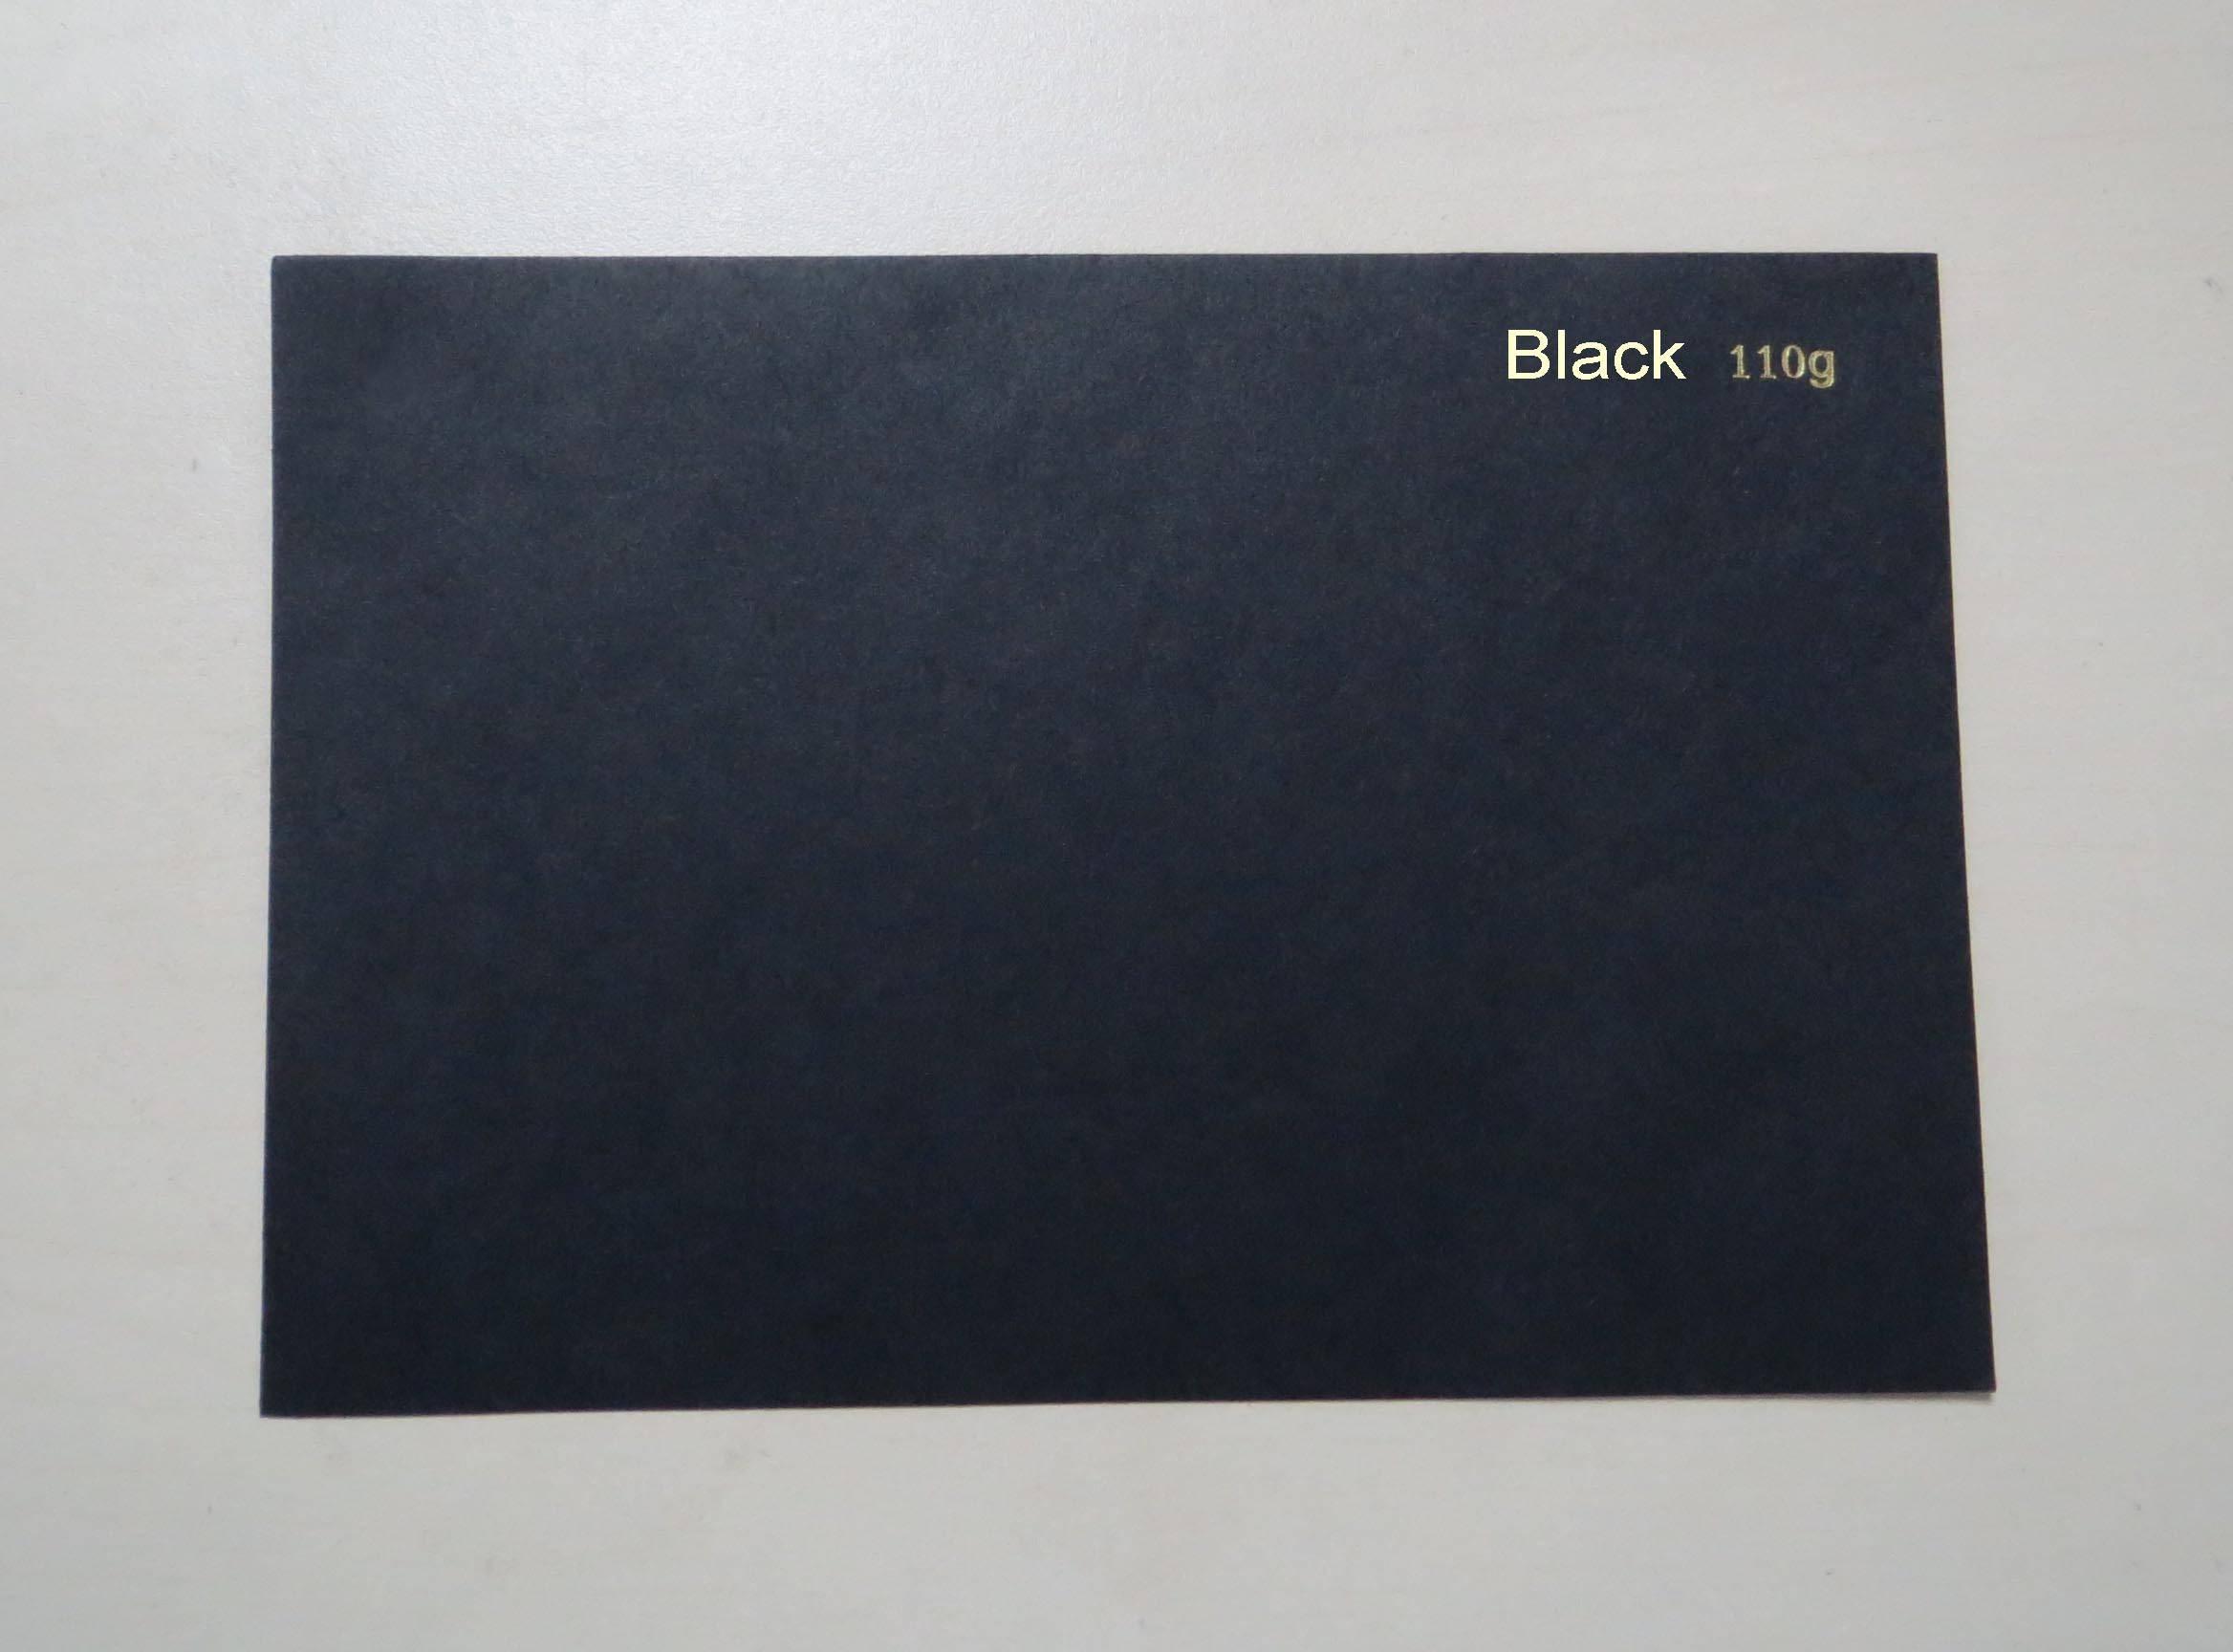 80g-450g black paper, black cardboard, black paperboard